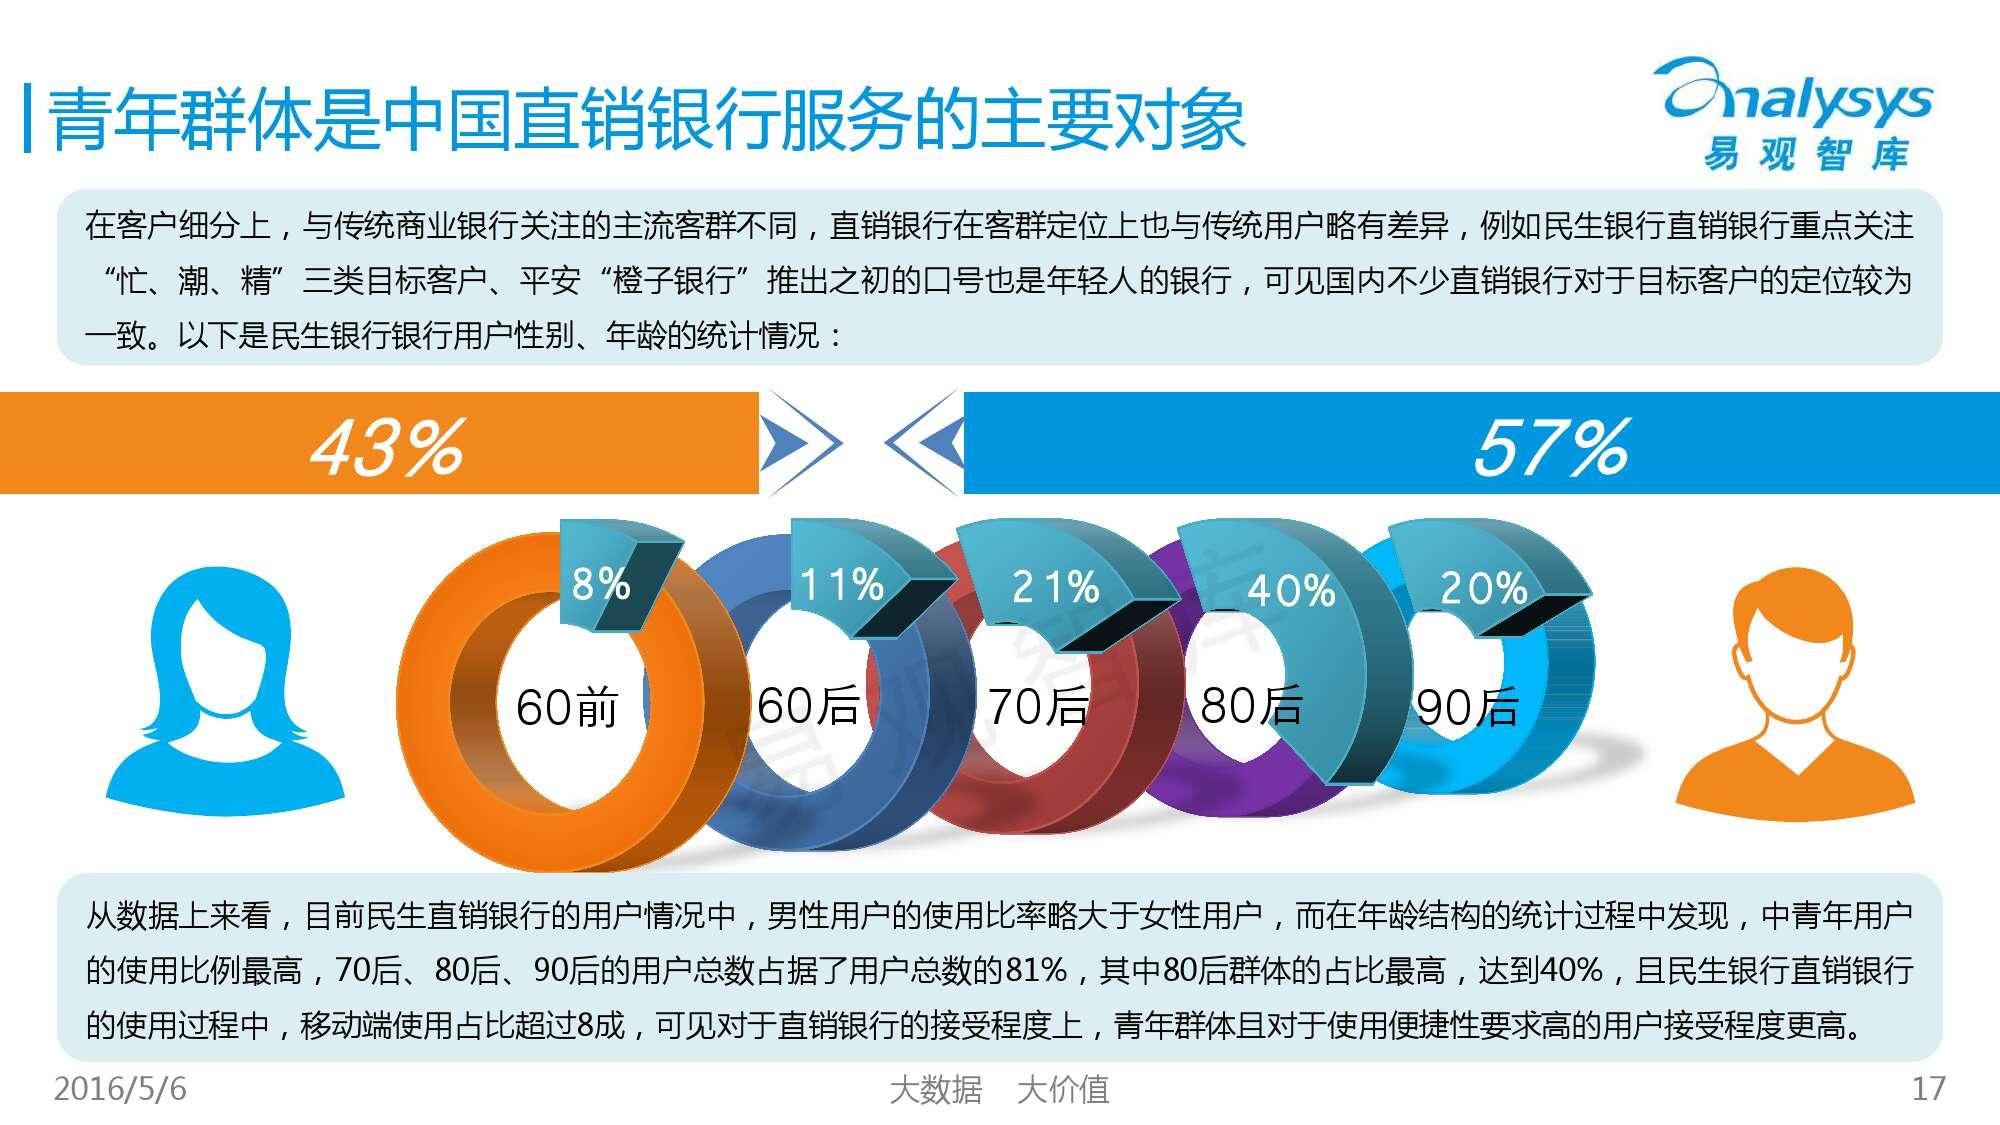 2016年中国直销银行市场专题研究报告_000017